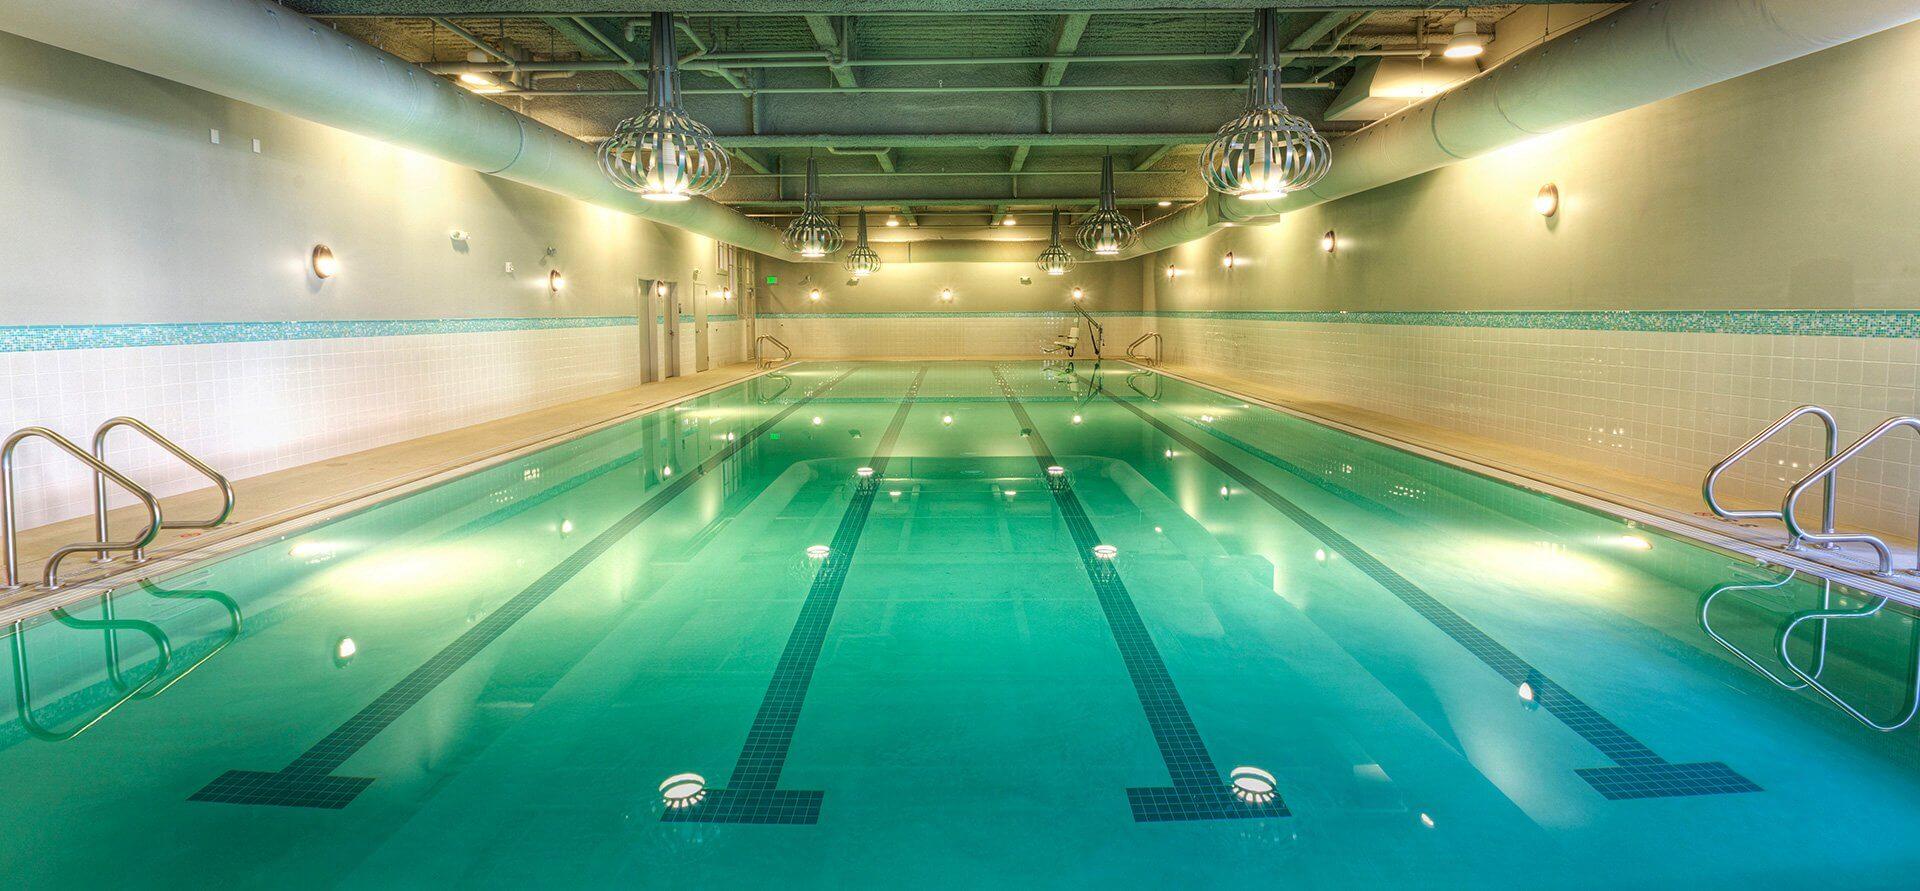 Athletics centre sauna